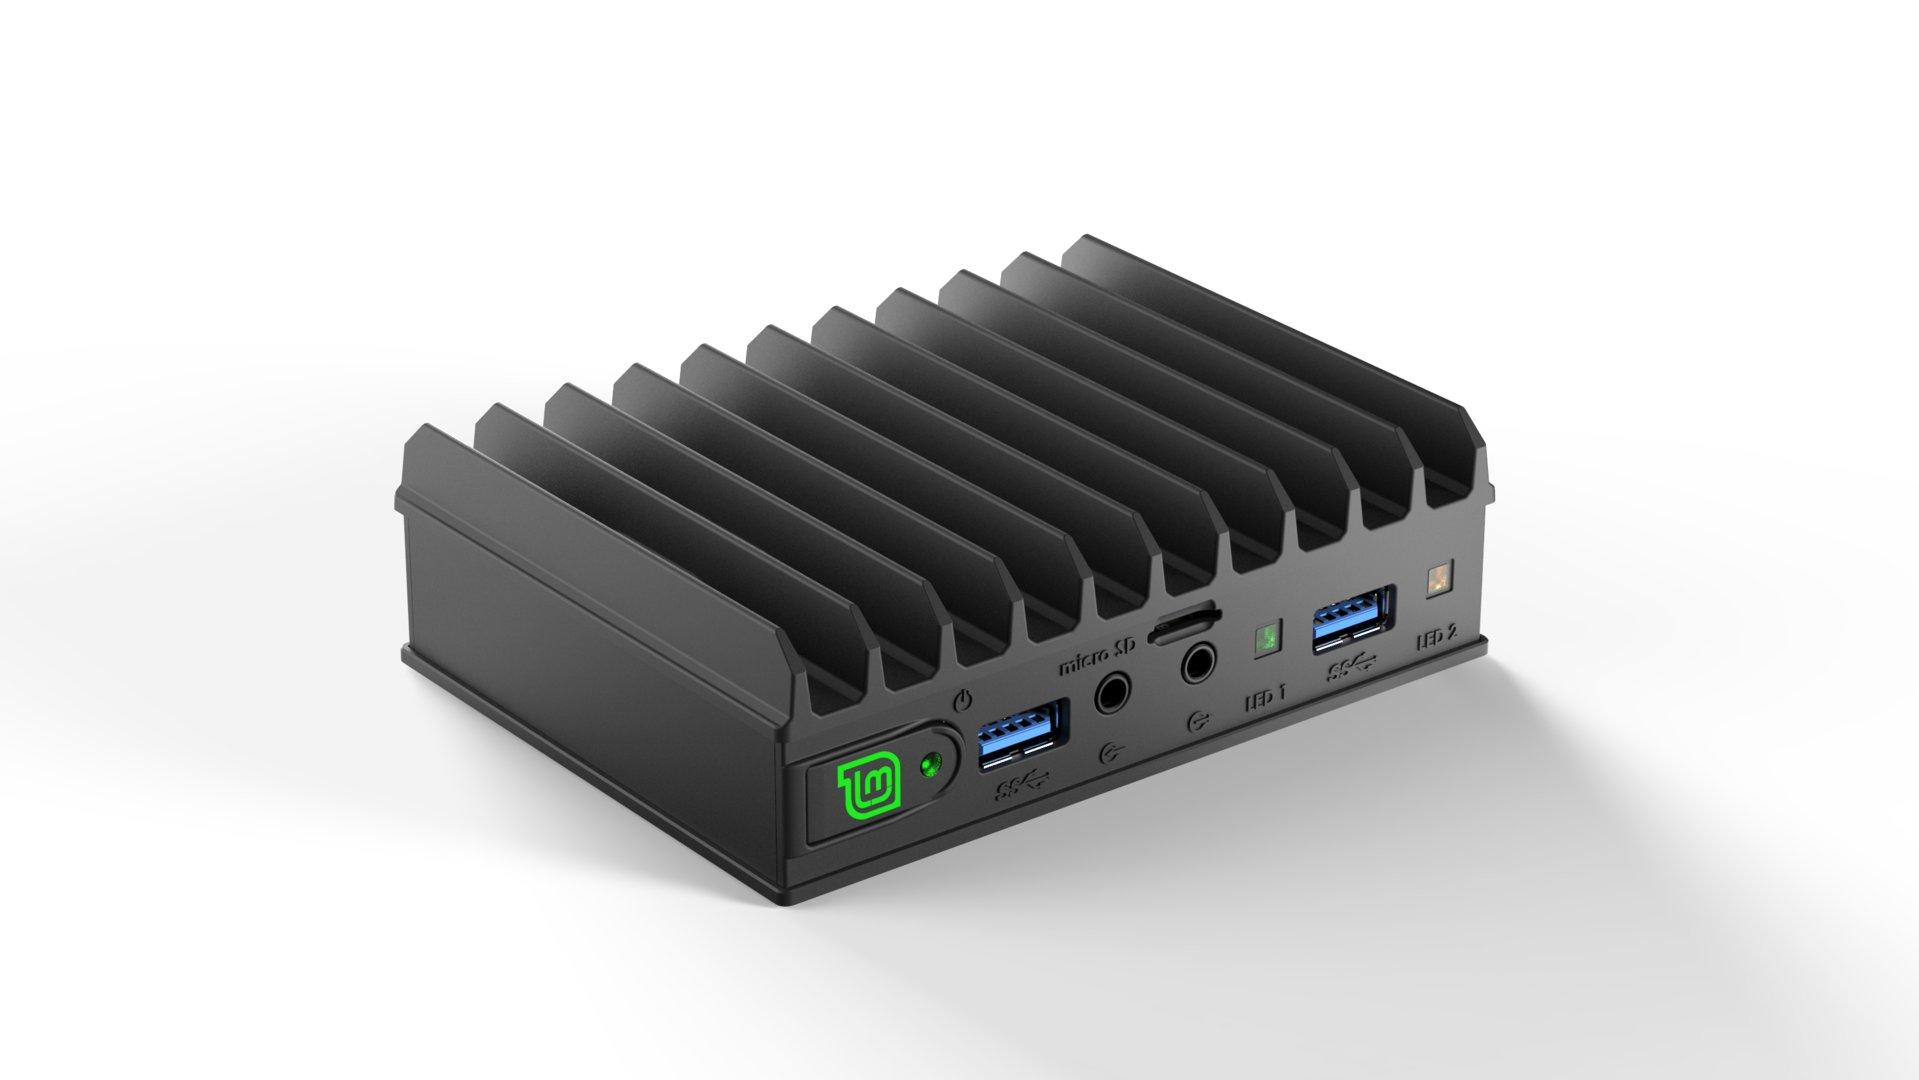 Auch die MintBox Mini 2 (Pro) wird passiv gekühlt